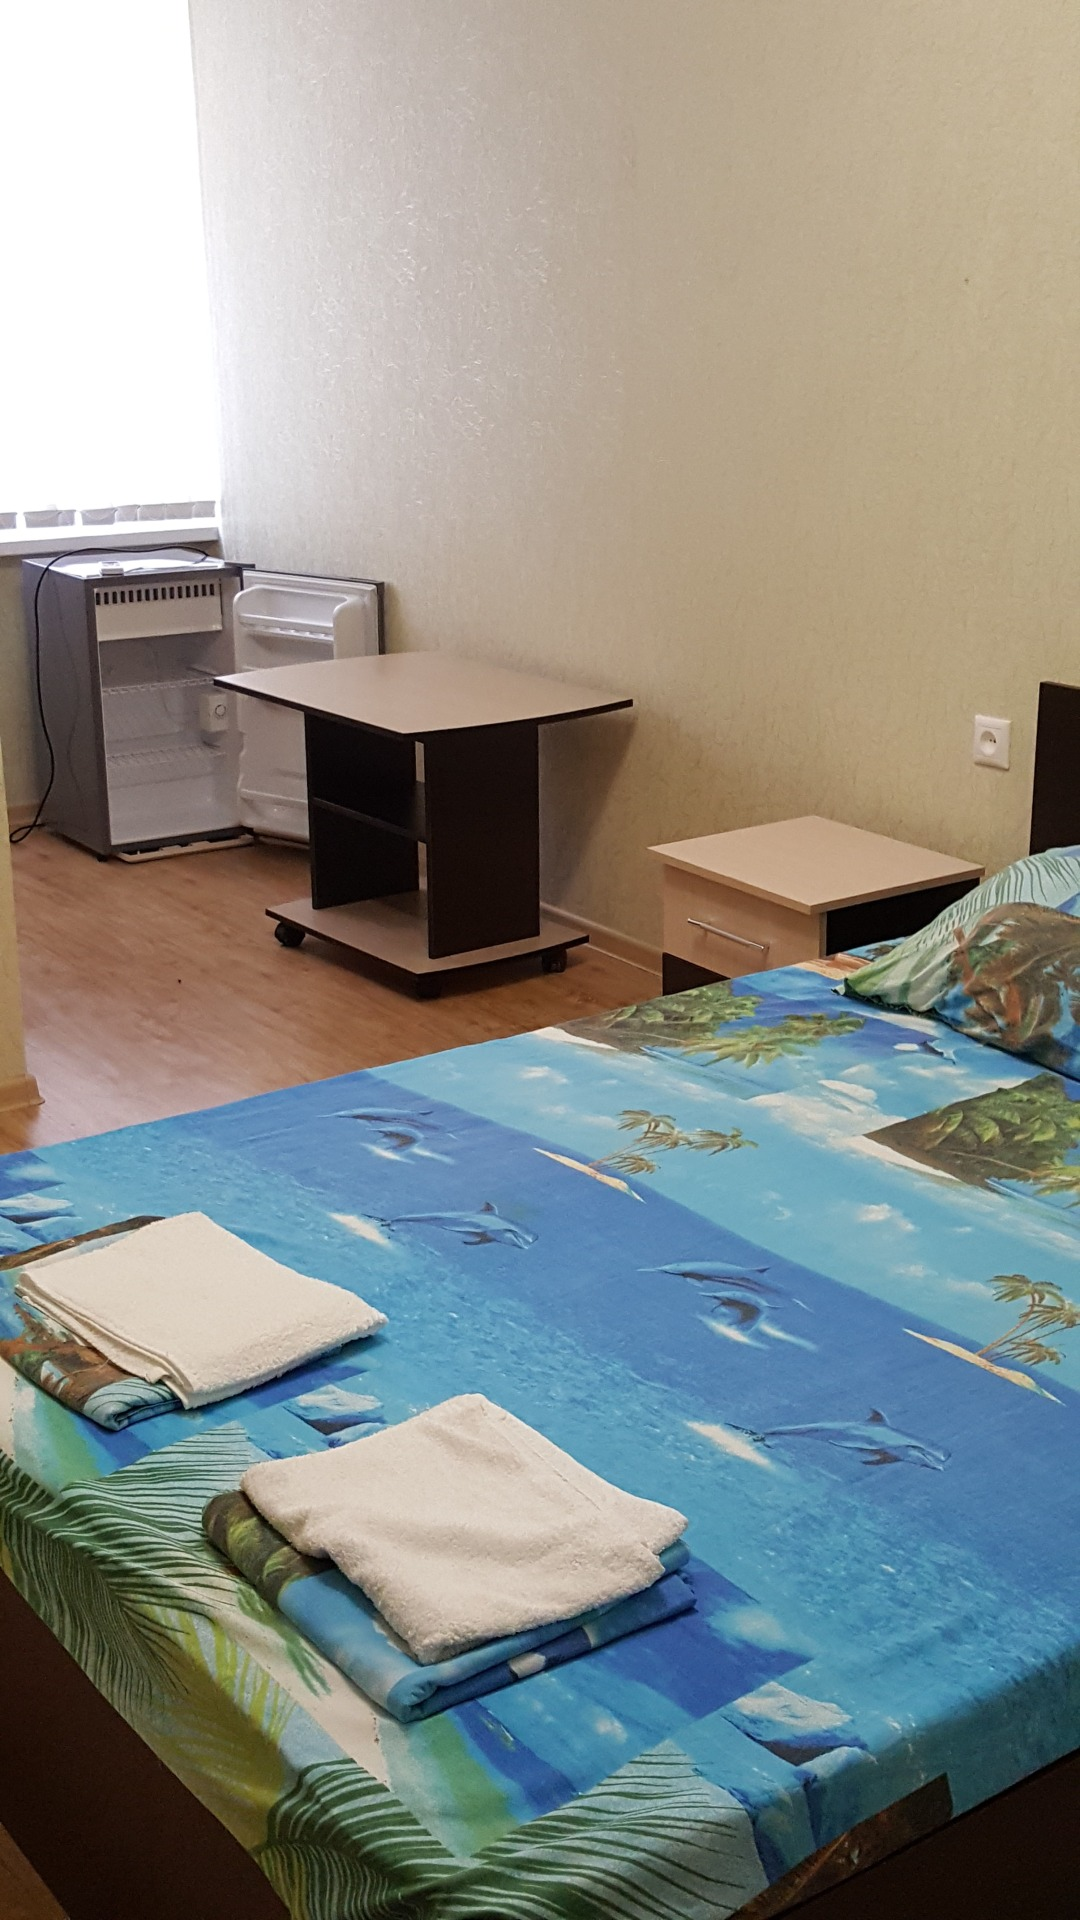 Гостиницы в Лоо на таллинской 9